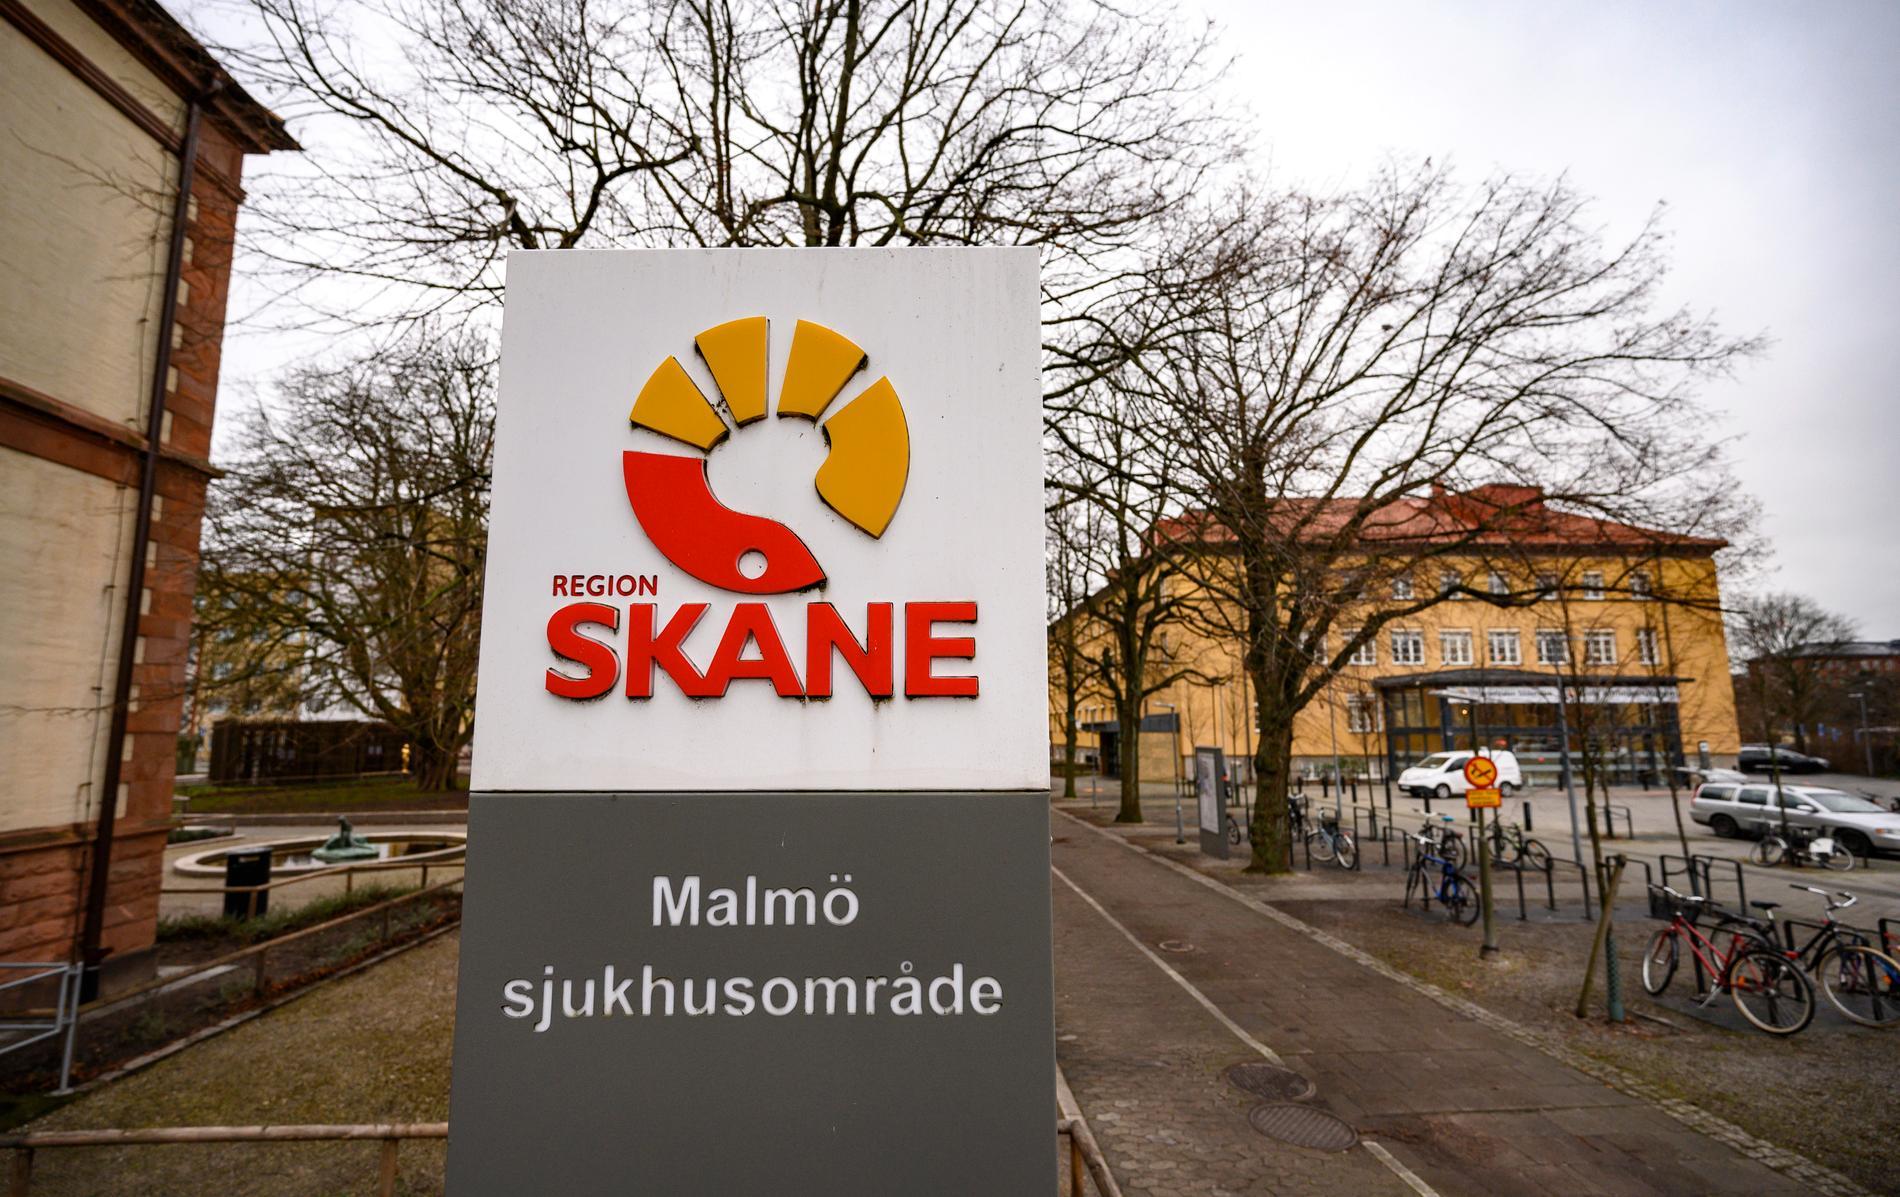 Skånes universitetssjukhus i Malmö ska moderniseras och byggas ut. Region Skåne och Europeiska Investeringsbanken har skrivit på ett låneavtal på 3,5 miljarder kronor. Arkivbild.